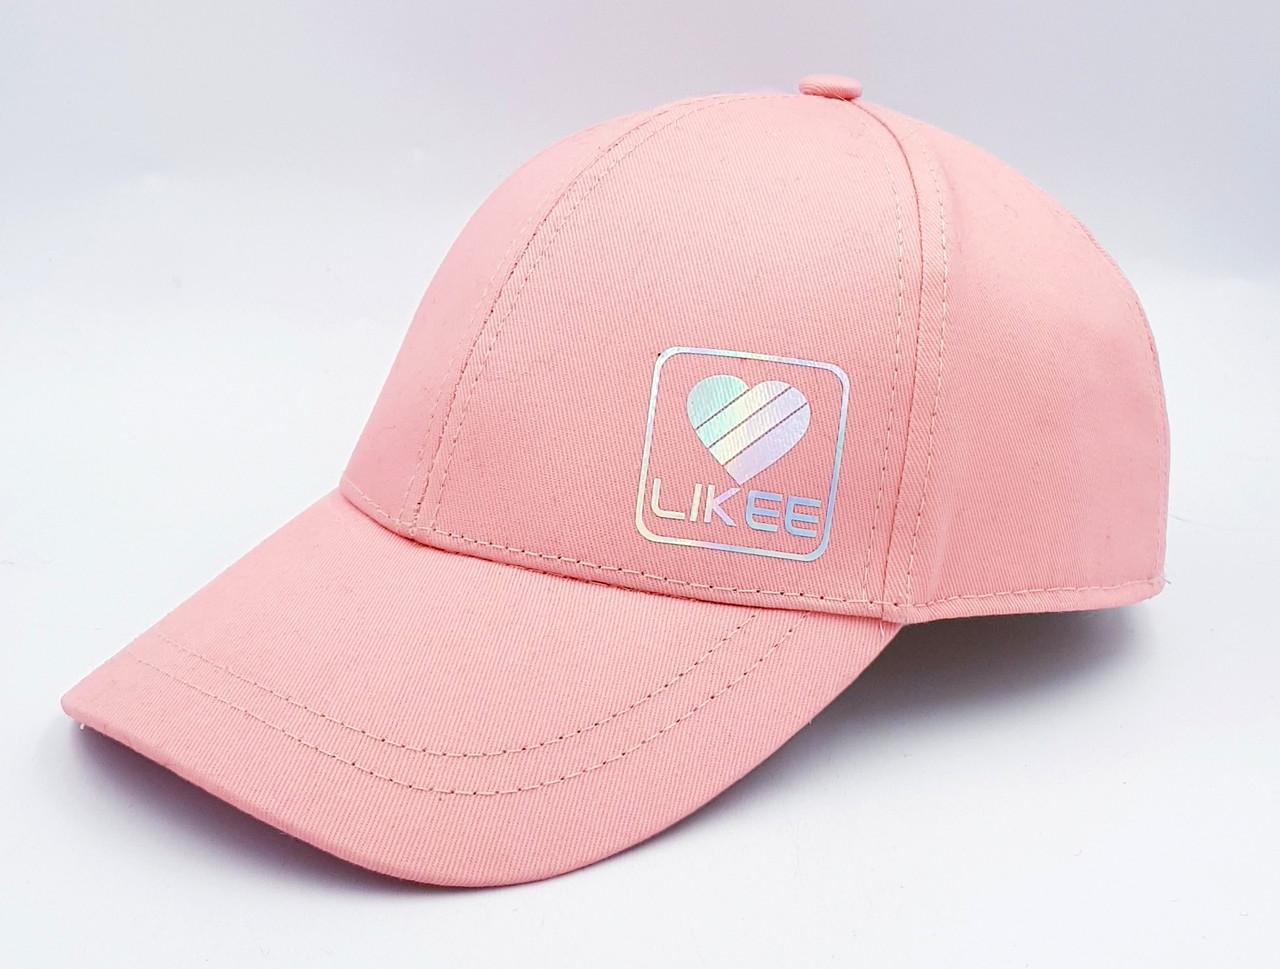 Детская бейсболка Klaus Koтон  для девочки Соцсети 53-55 Розовый  (068-К)